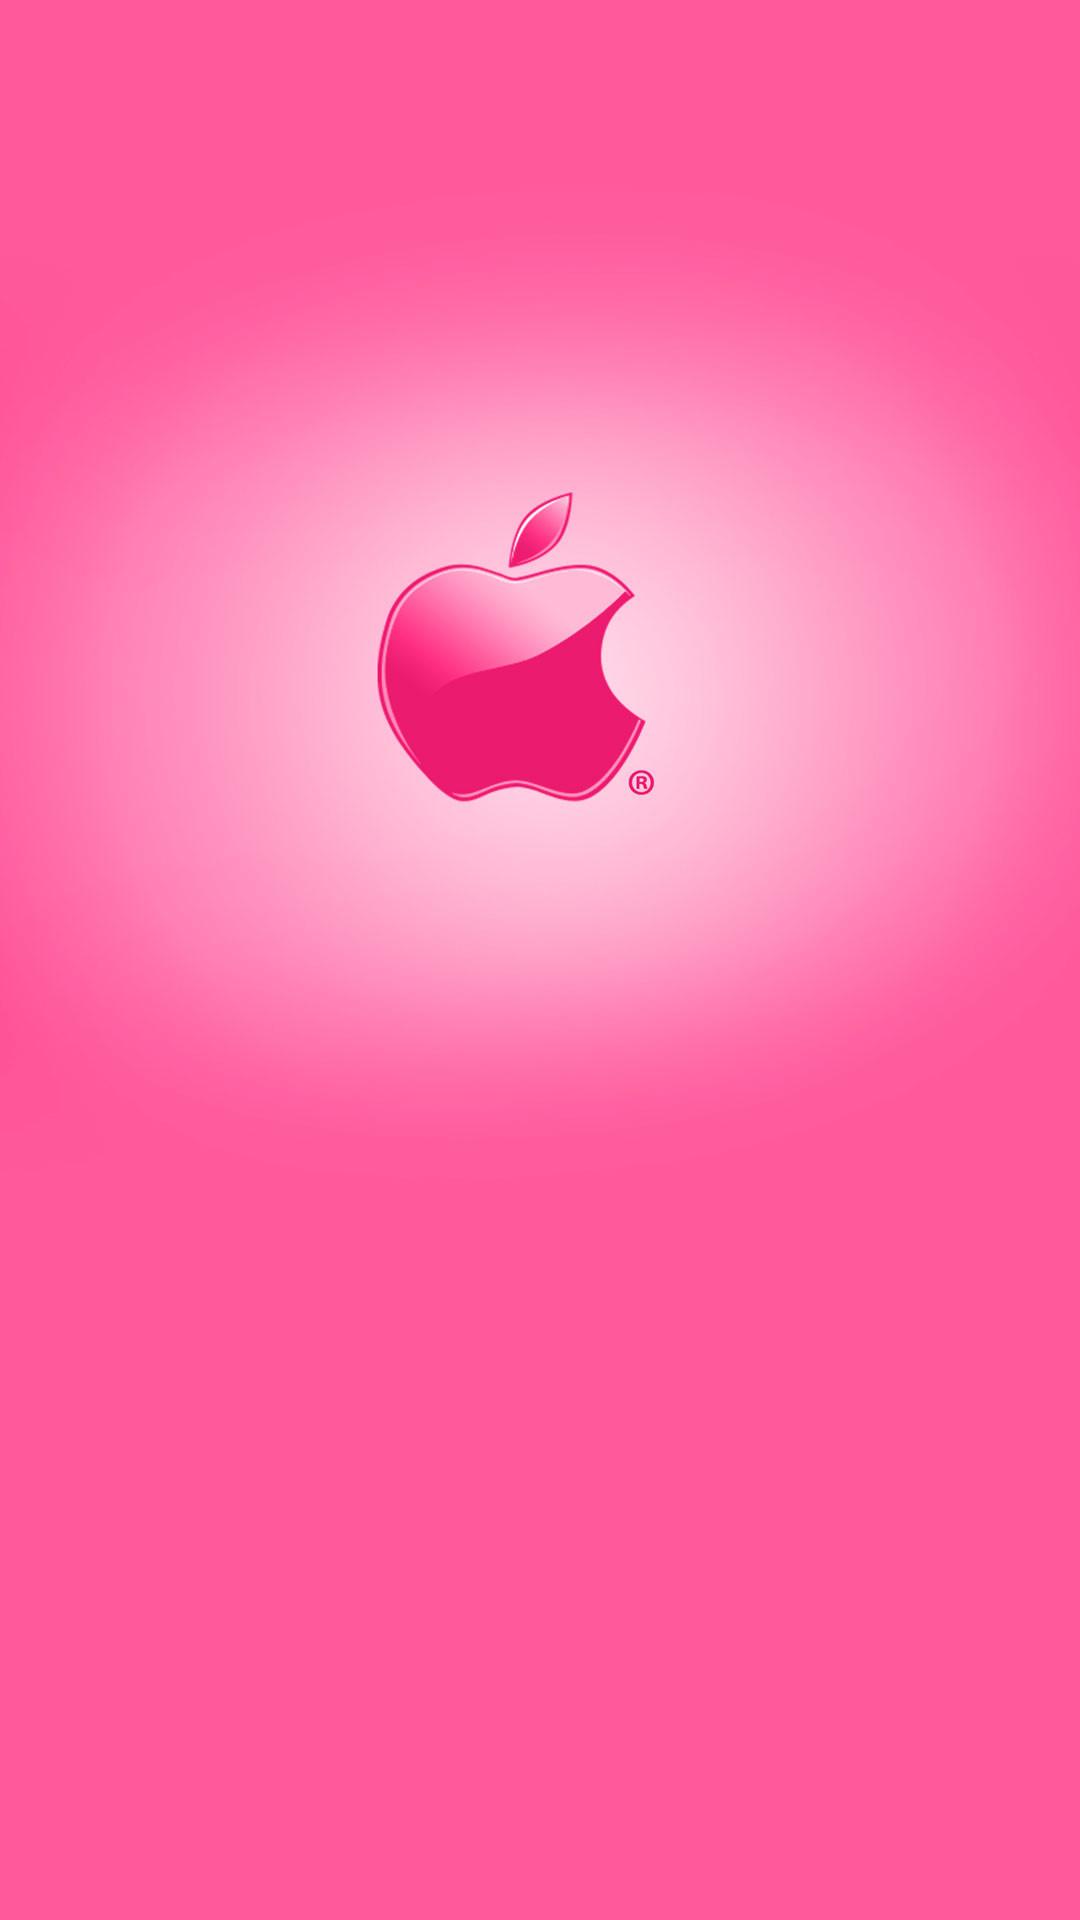 Cute pink Apple